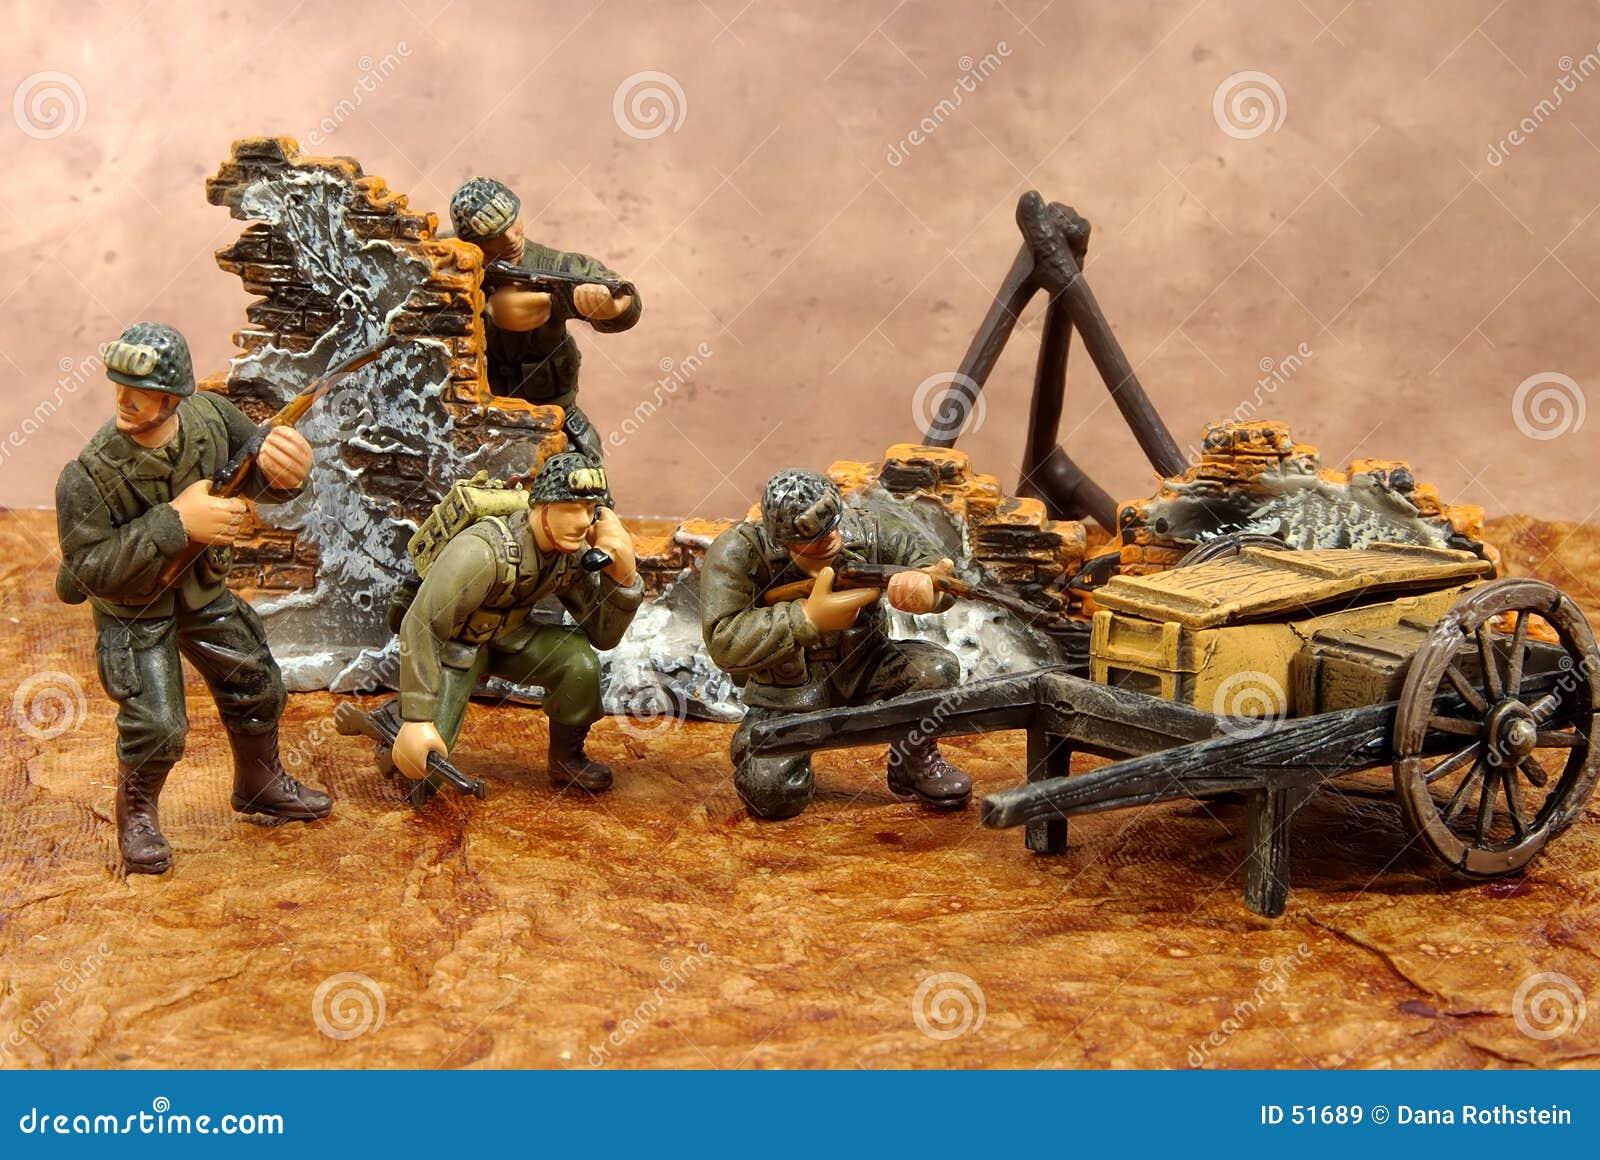 Download Soldats de jouet image stock. Image du amérique, artillerie - 51689